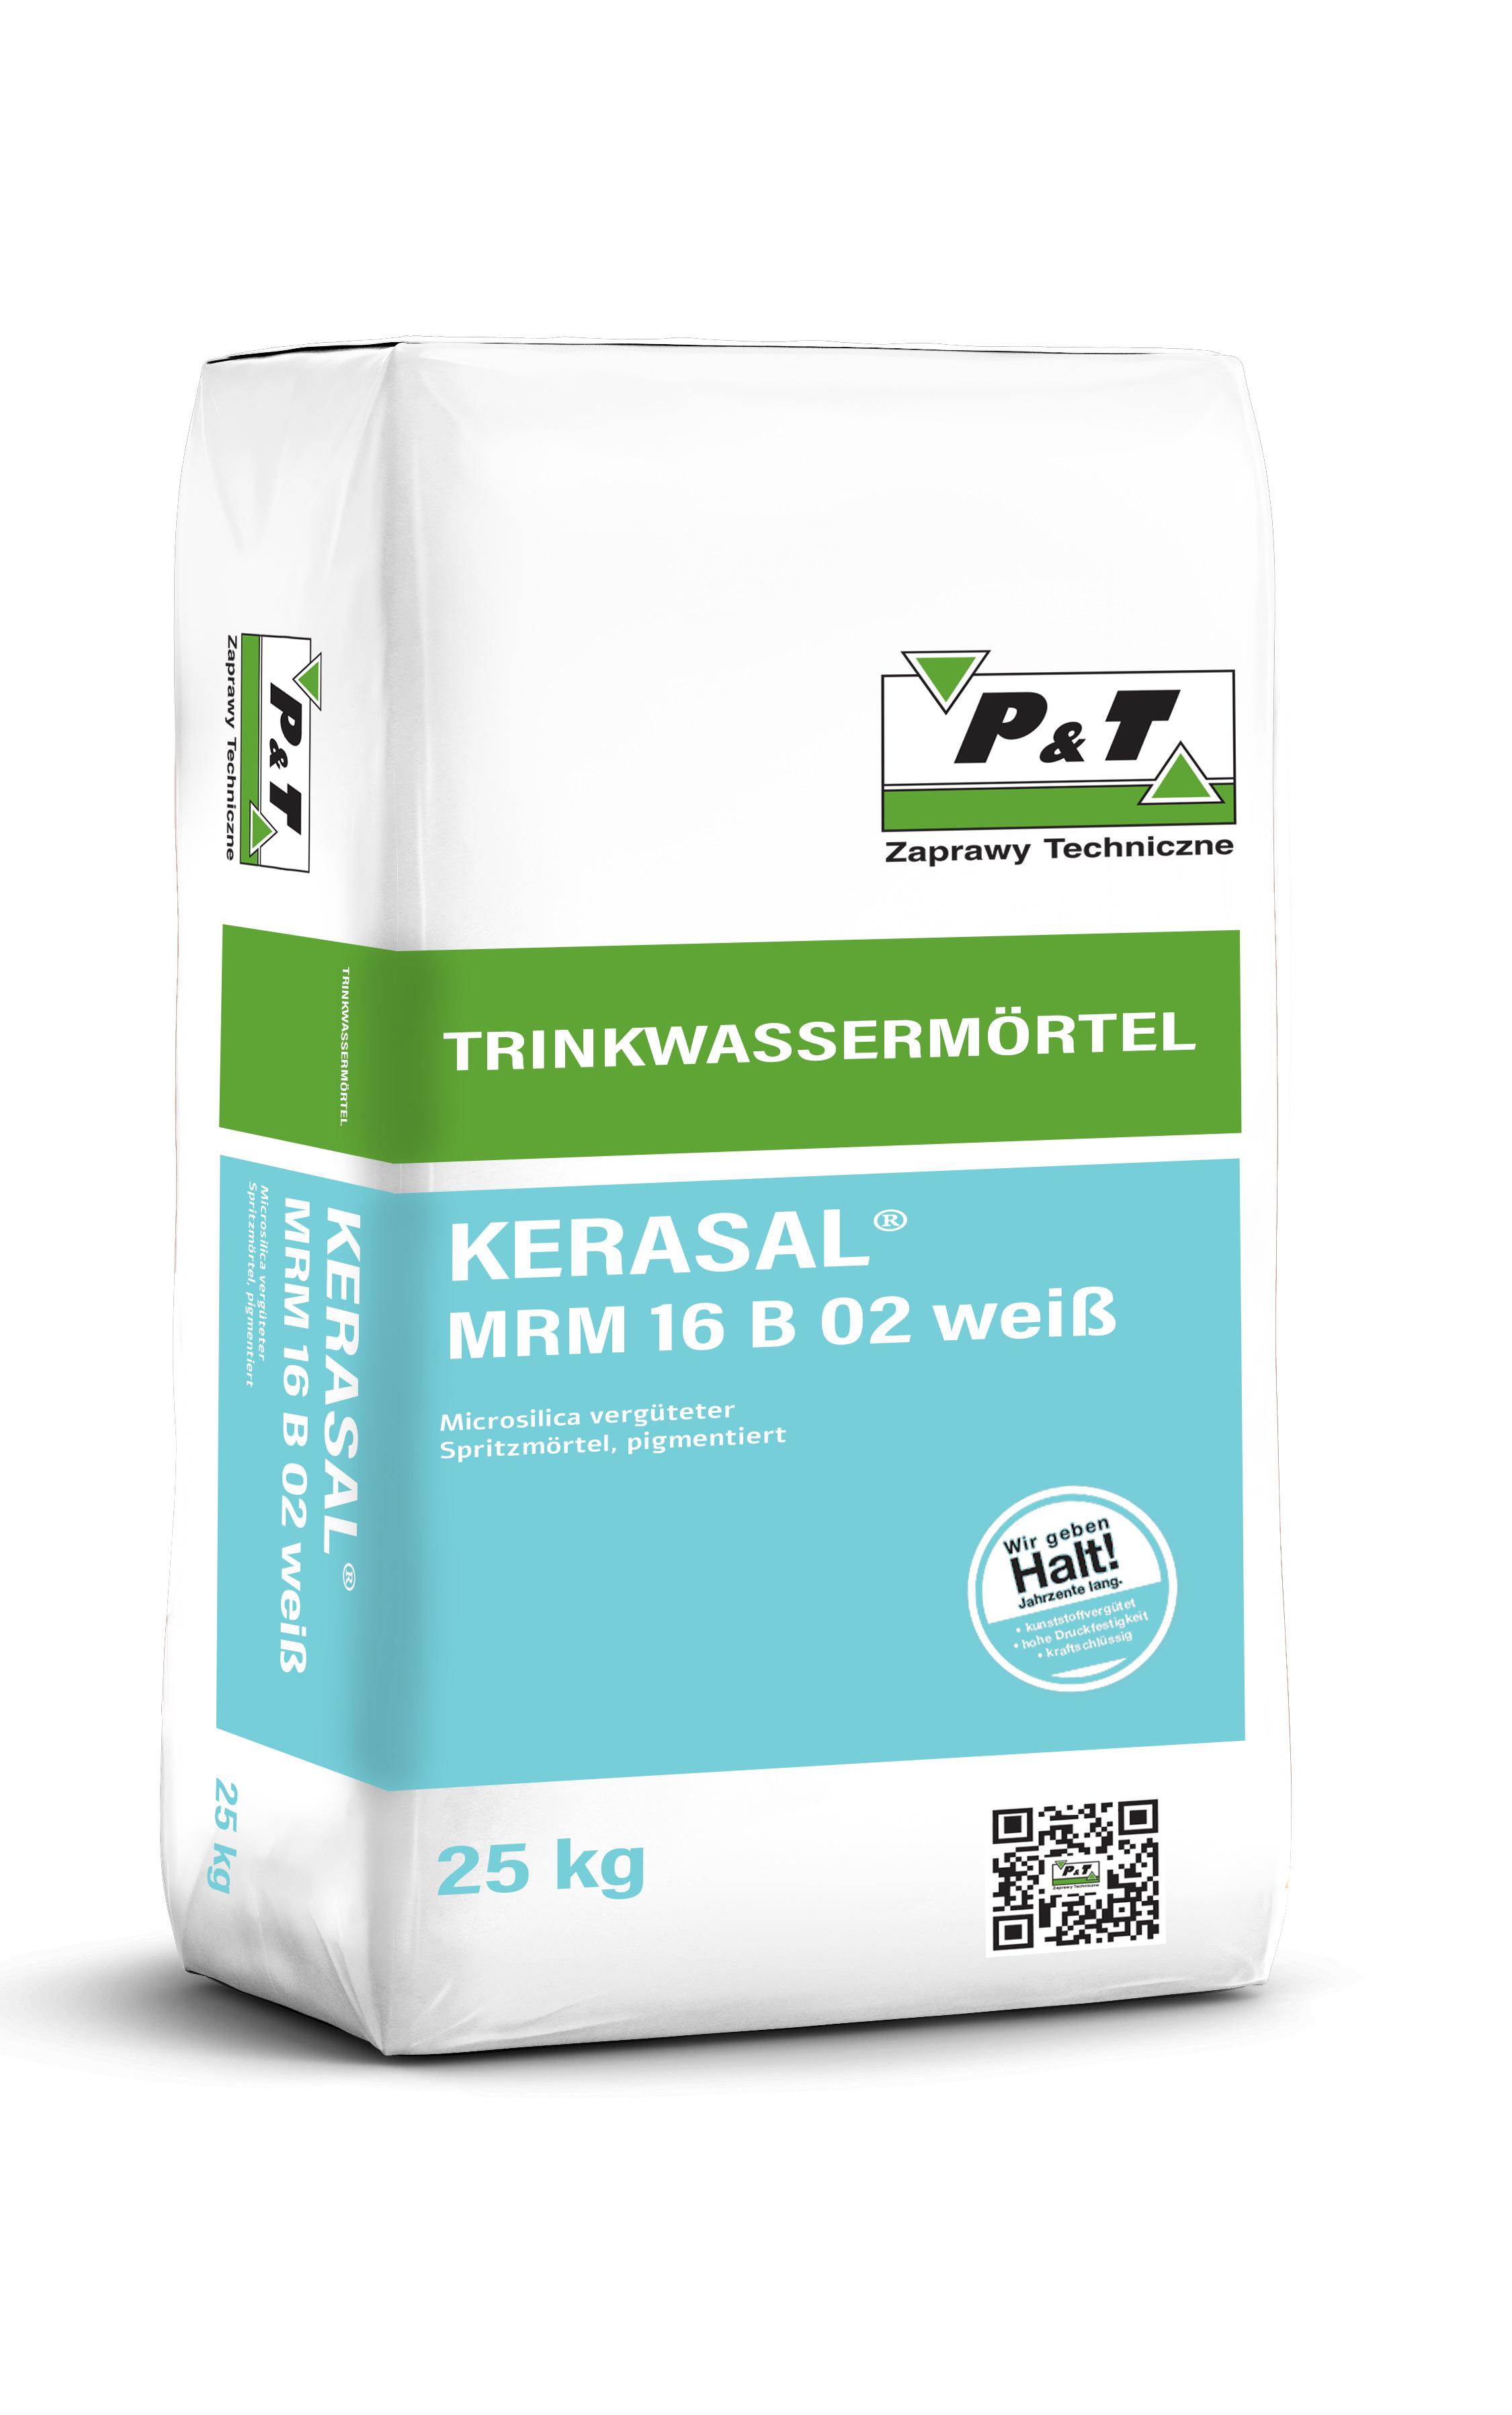 Kerasal MRM 16 B 02 weiß